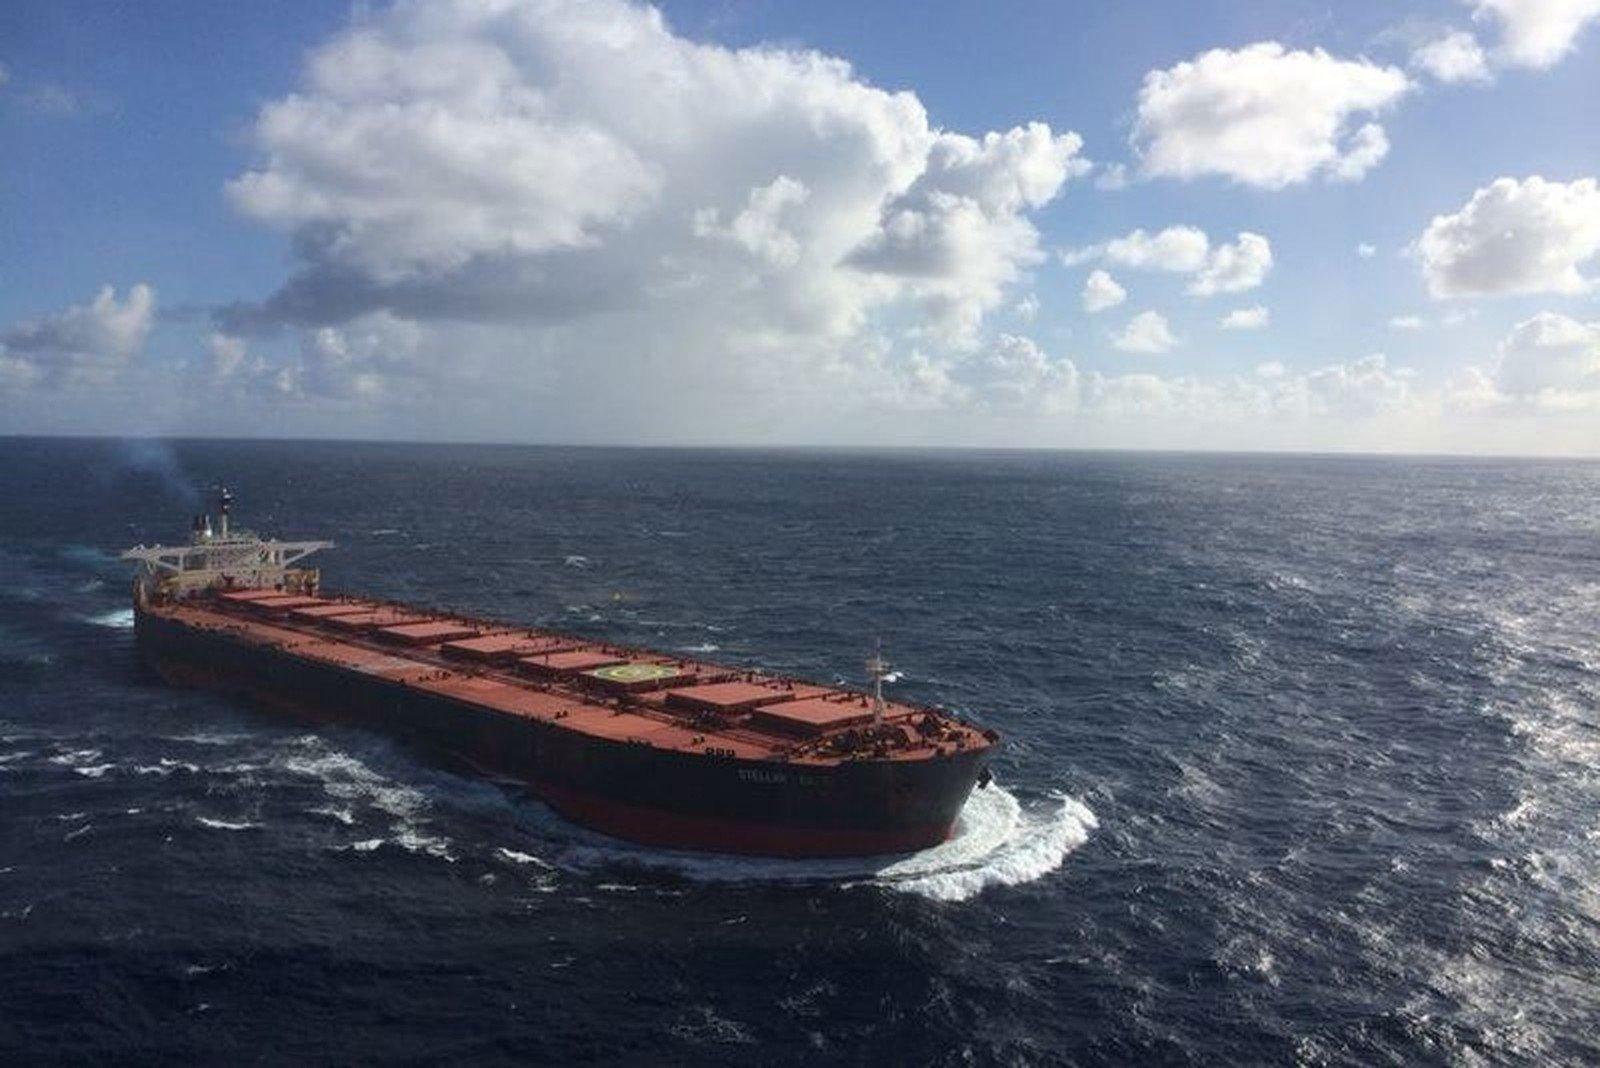 Ibama e Marinha não descartam vazamentos em navio encalhado no MA - Imagem 2